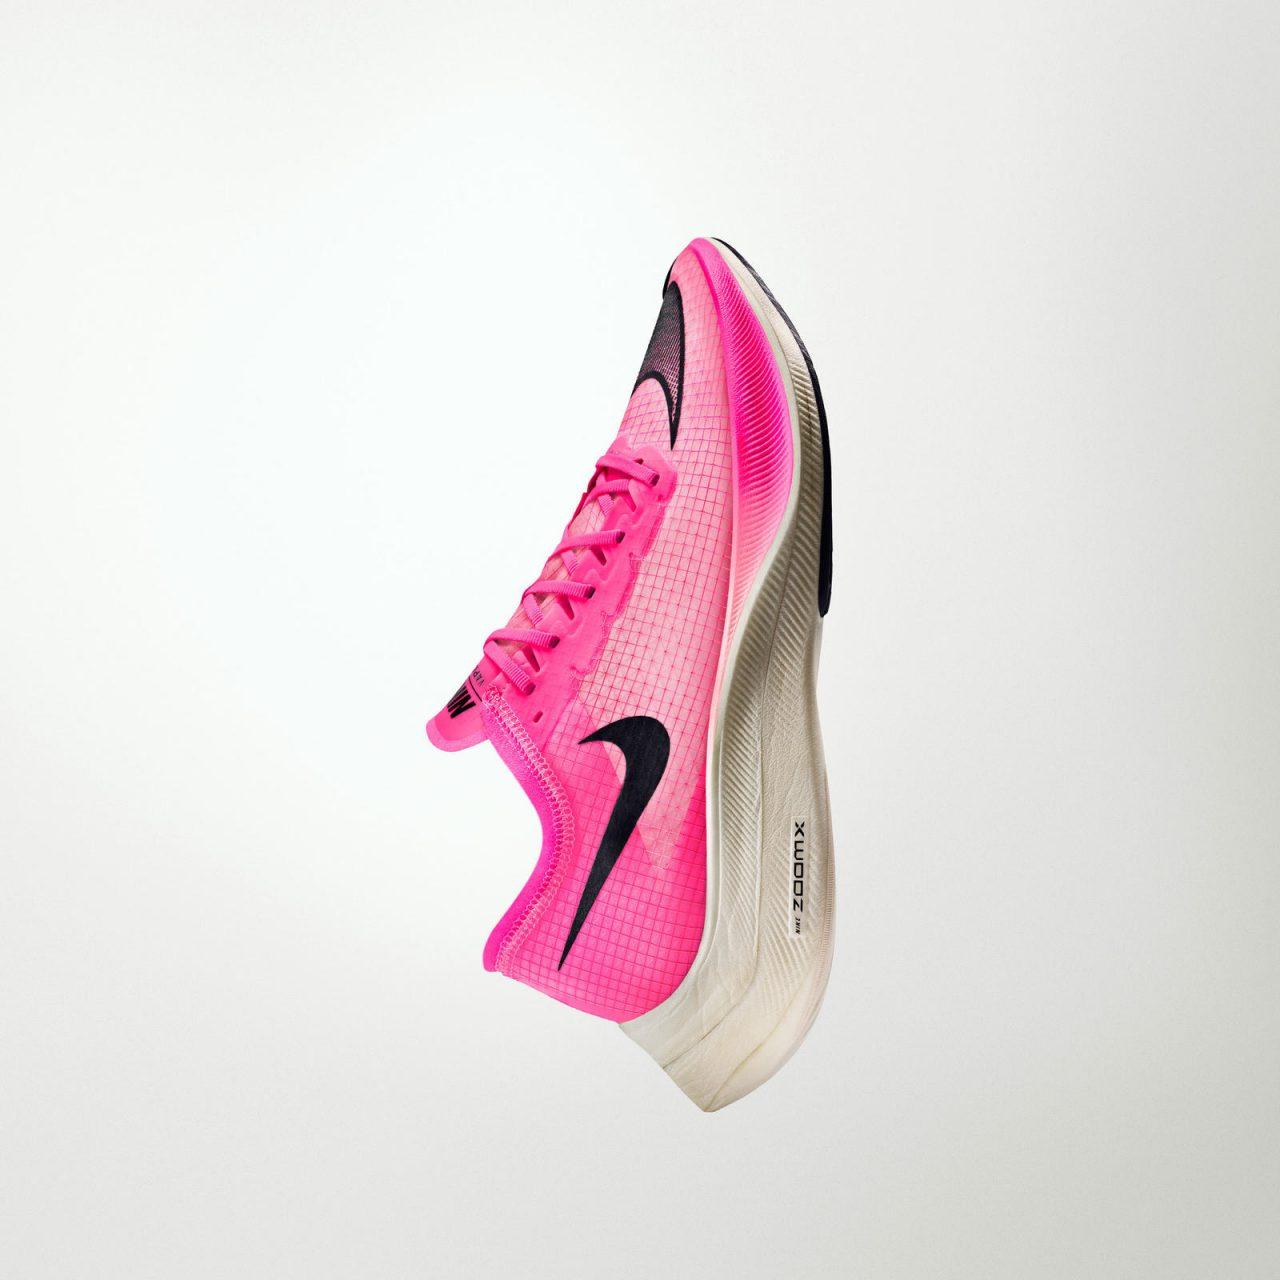 Nike ZoomX Vaporfly NEXT% worn by Eliud Kipchoge